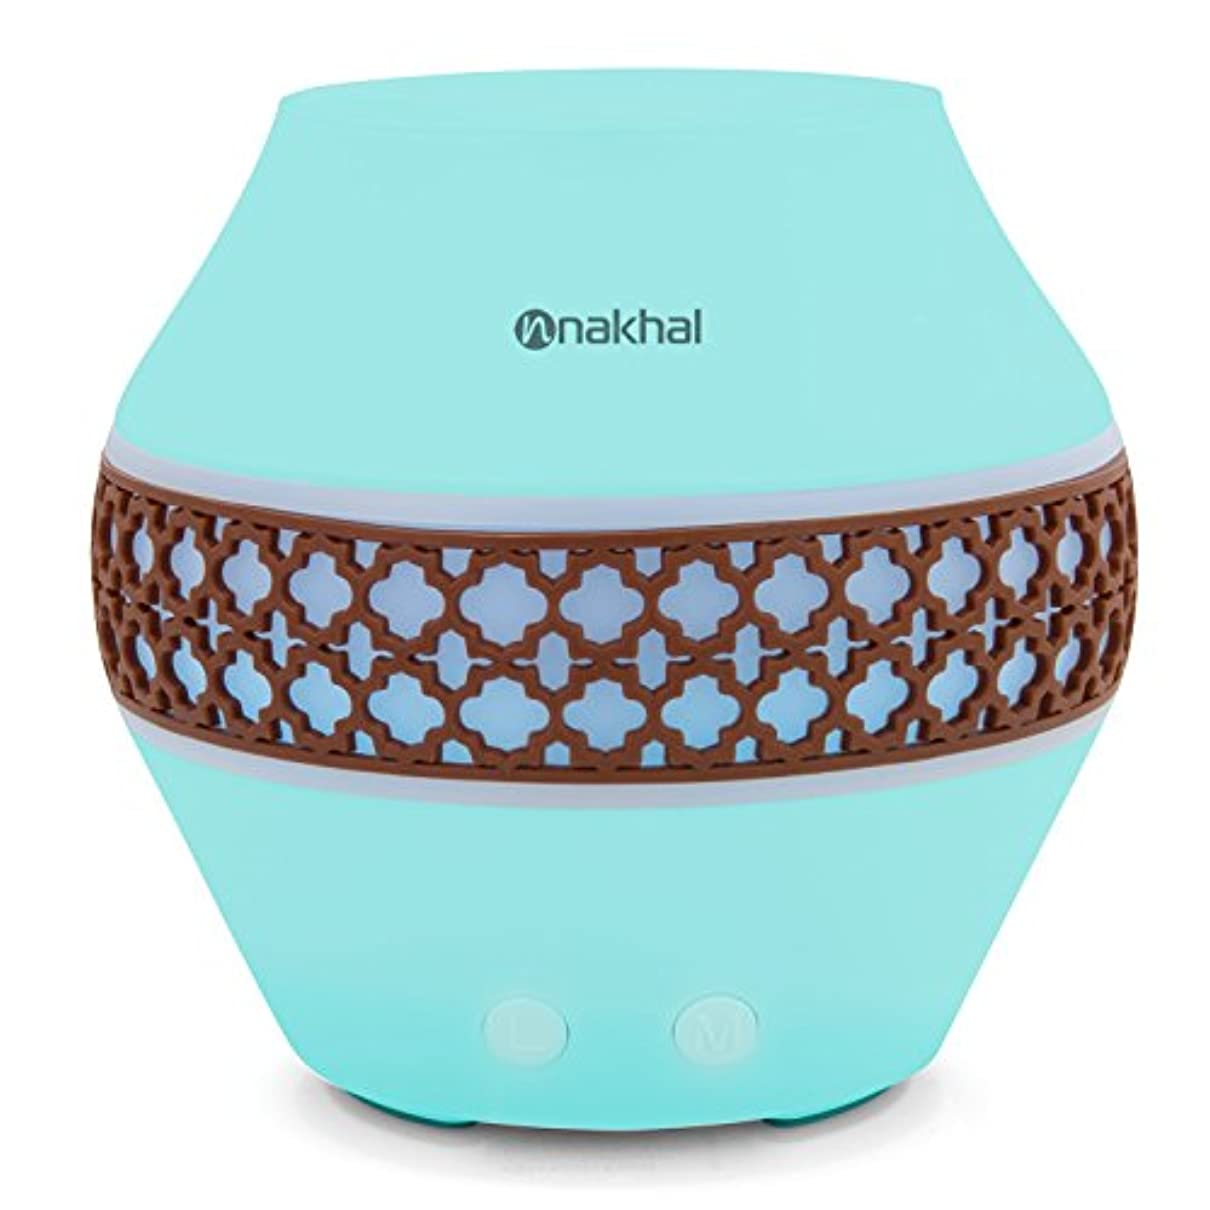 解釈的リードそれに応じてNakhal 120 ml Aromatherapy Essential Oil Diffuser、超音波クールなミスト加湿器で7色LEDライト変更 – Classical